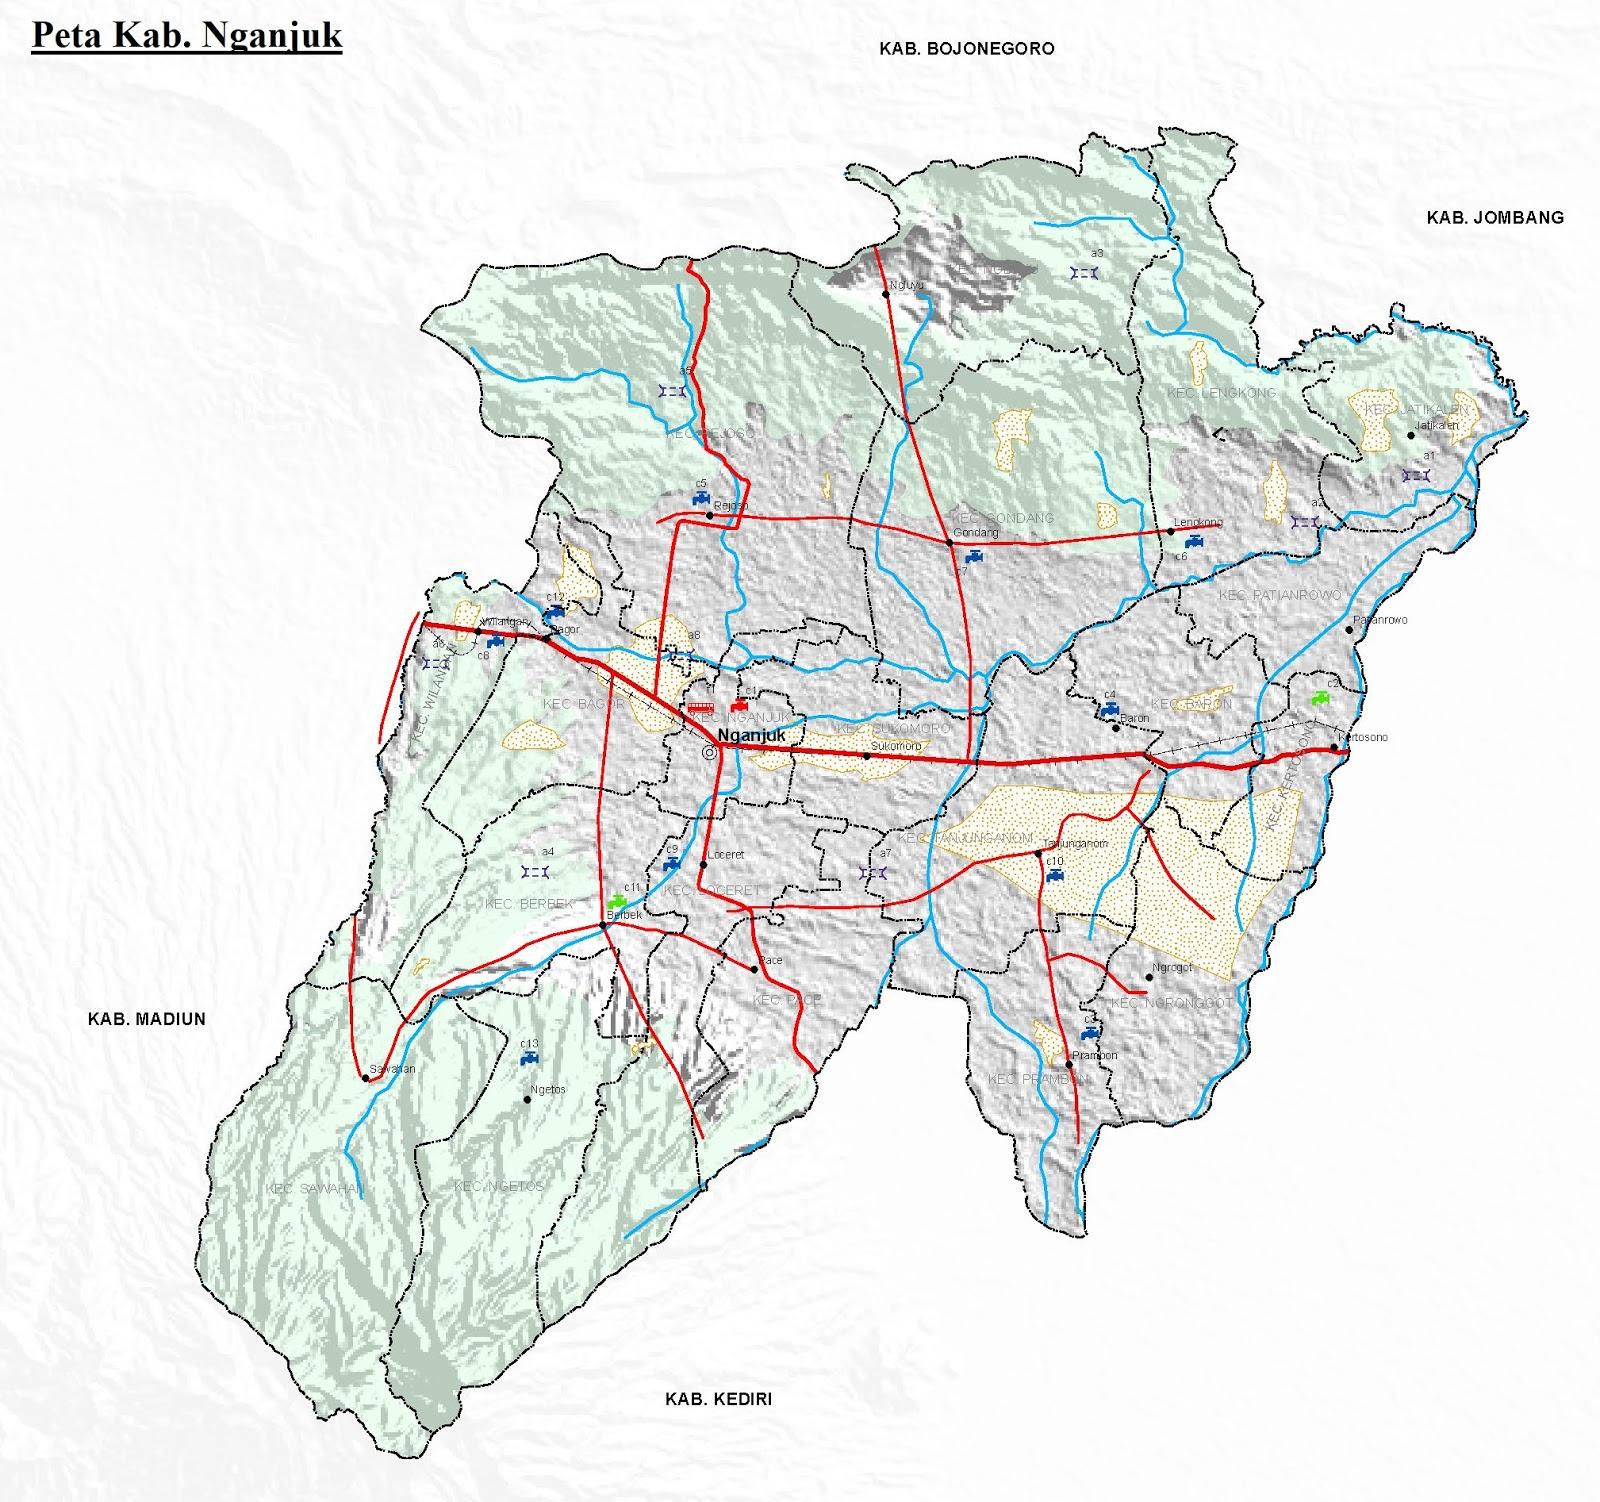 Peta Kabupaten Nganjuk HD